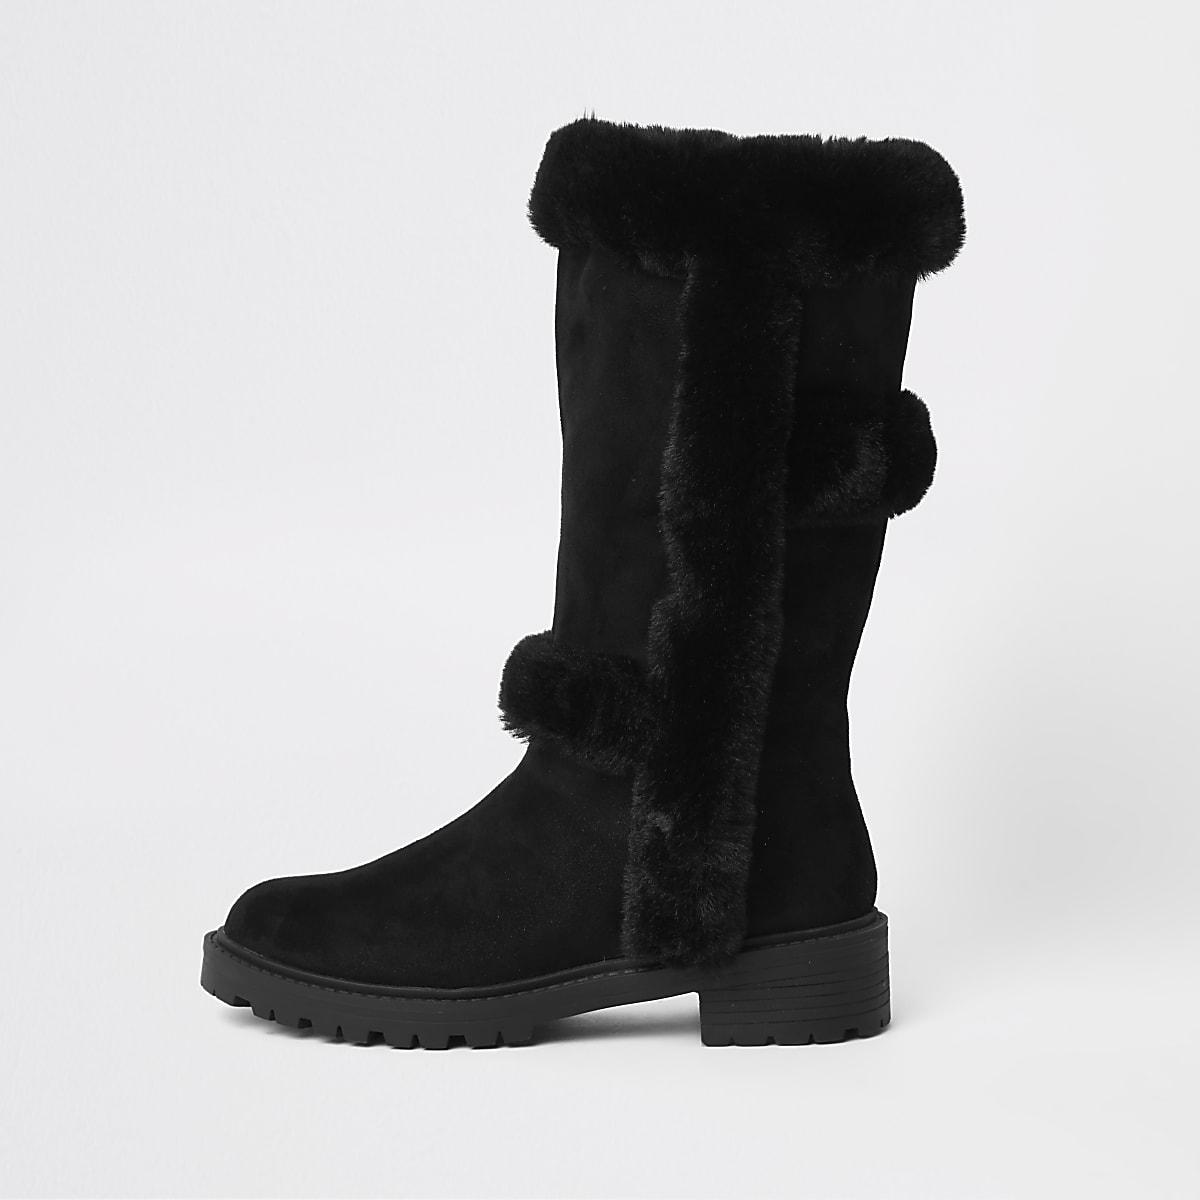 Schwarze, kniehohe Stiefel mit Kunstfellfutter